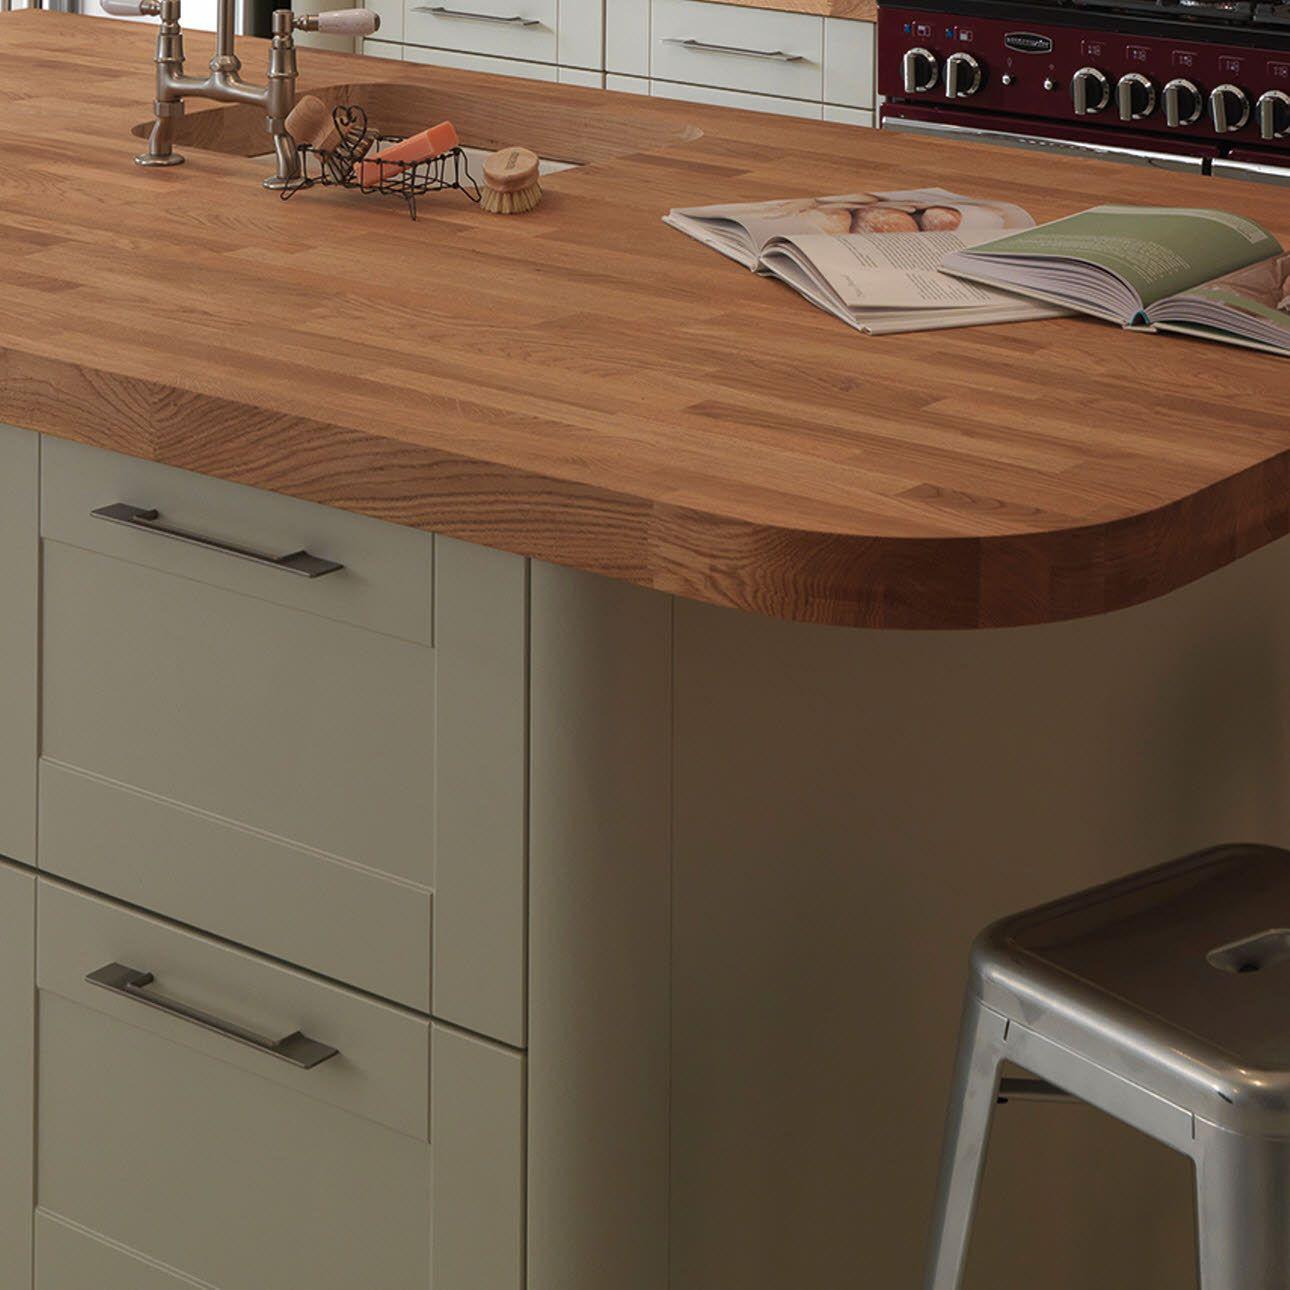 Kitchen Worktops Kitchen design, Solid wood kitchens